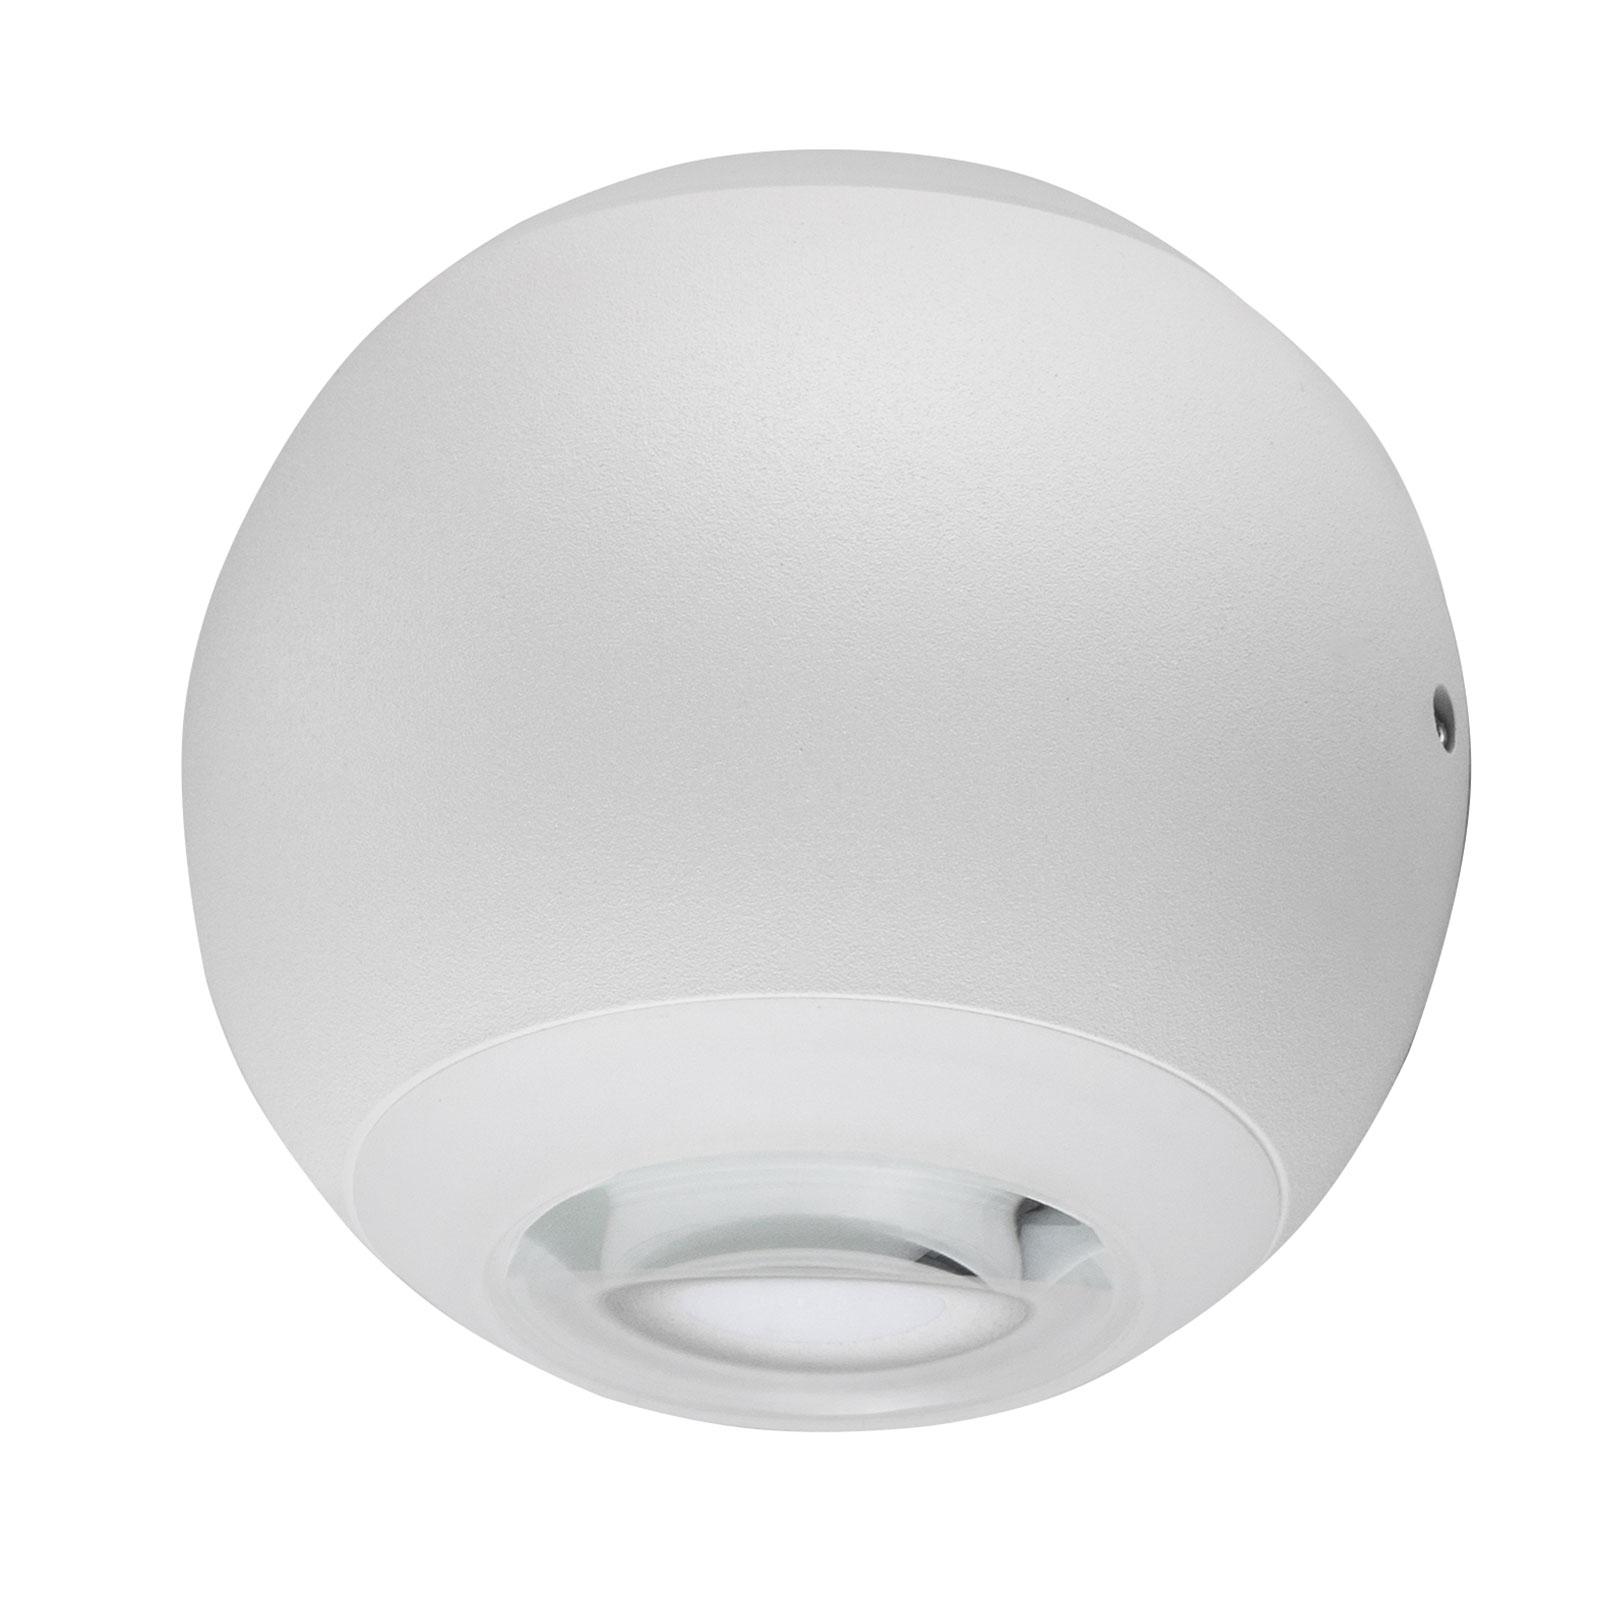 BRUMBERG Clearance LED-Wandleuchte rund einflammig